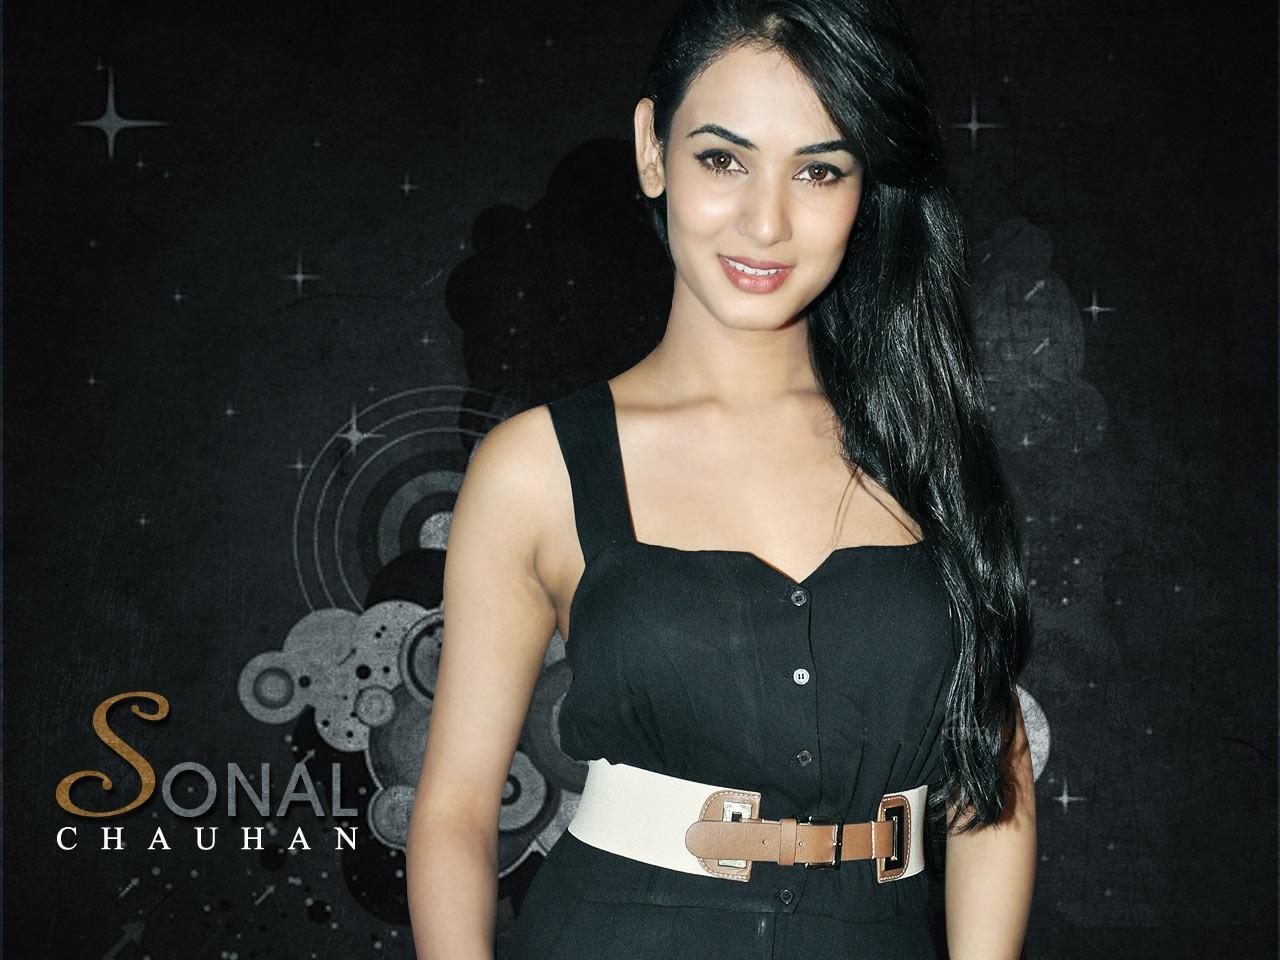 Tamil Actress Sonal Chauhan Hot Nice Hd Photos